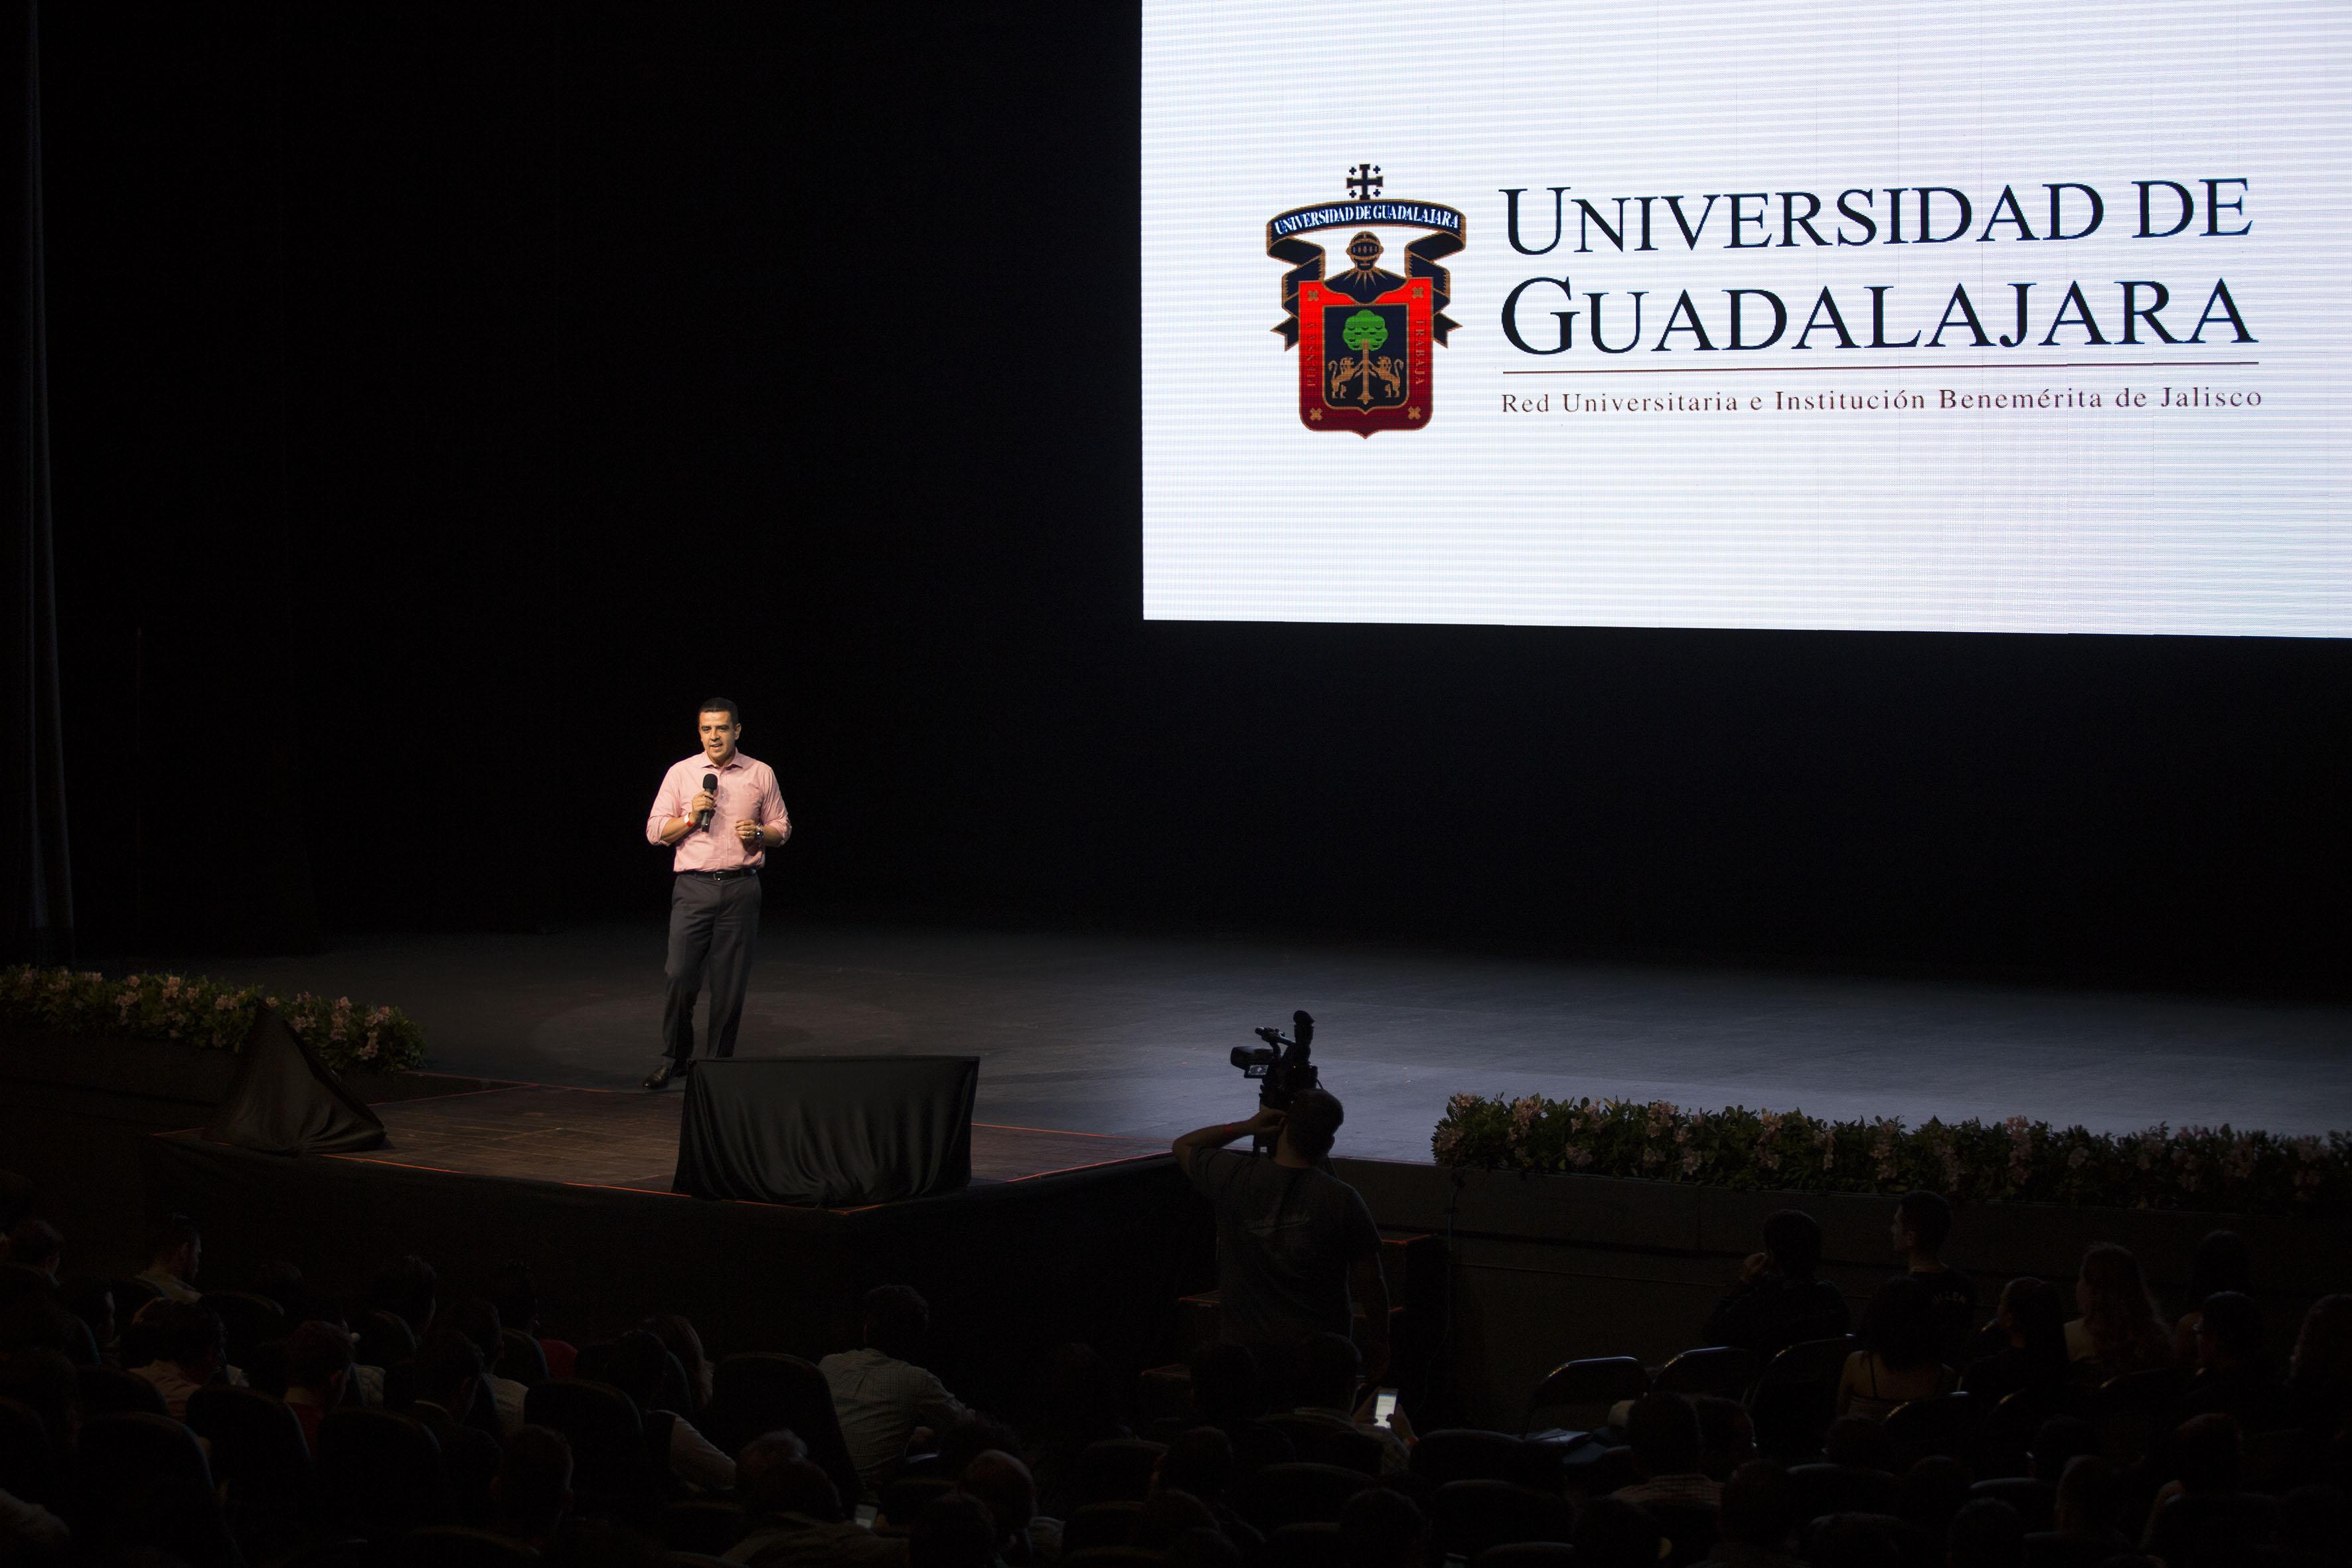 El doctor Luis Alberto Gutiérrez Díaz de León Haciendo uso de la palabra en evento talents night